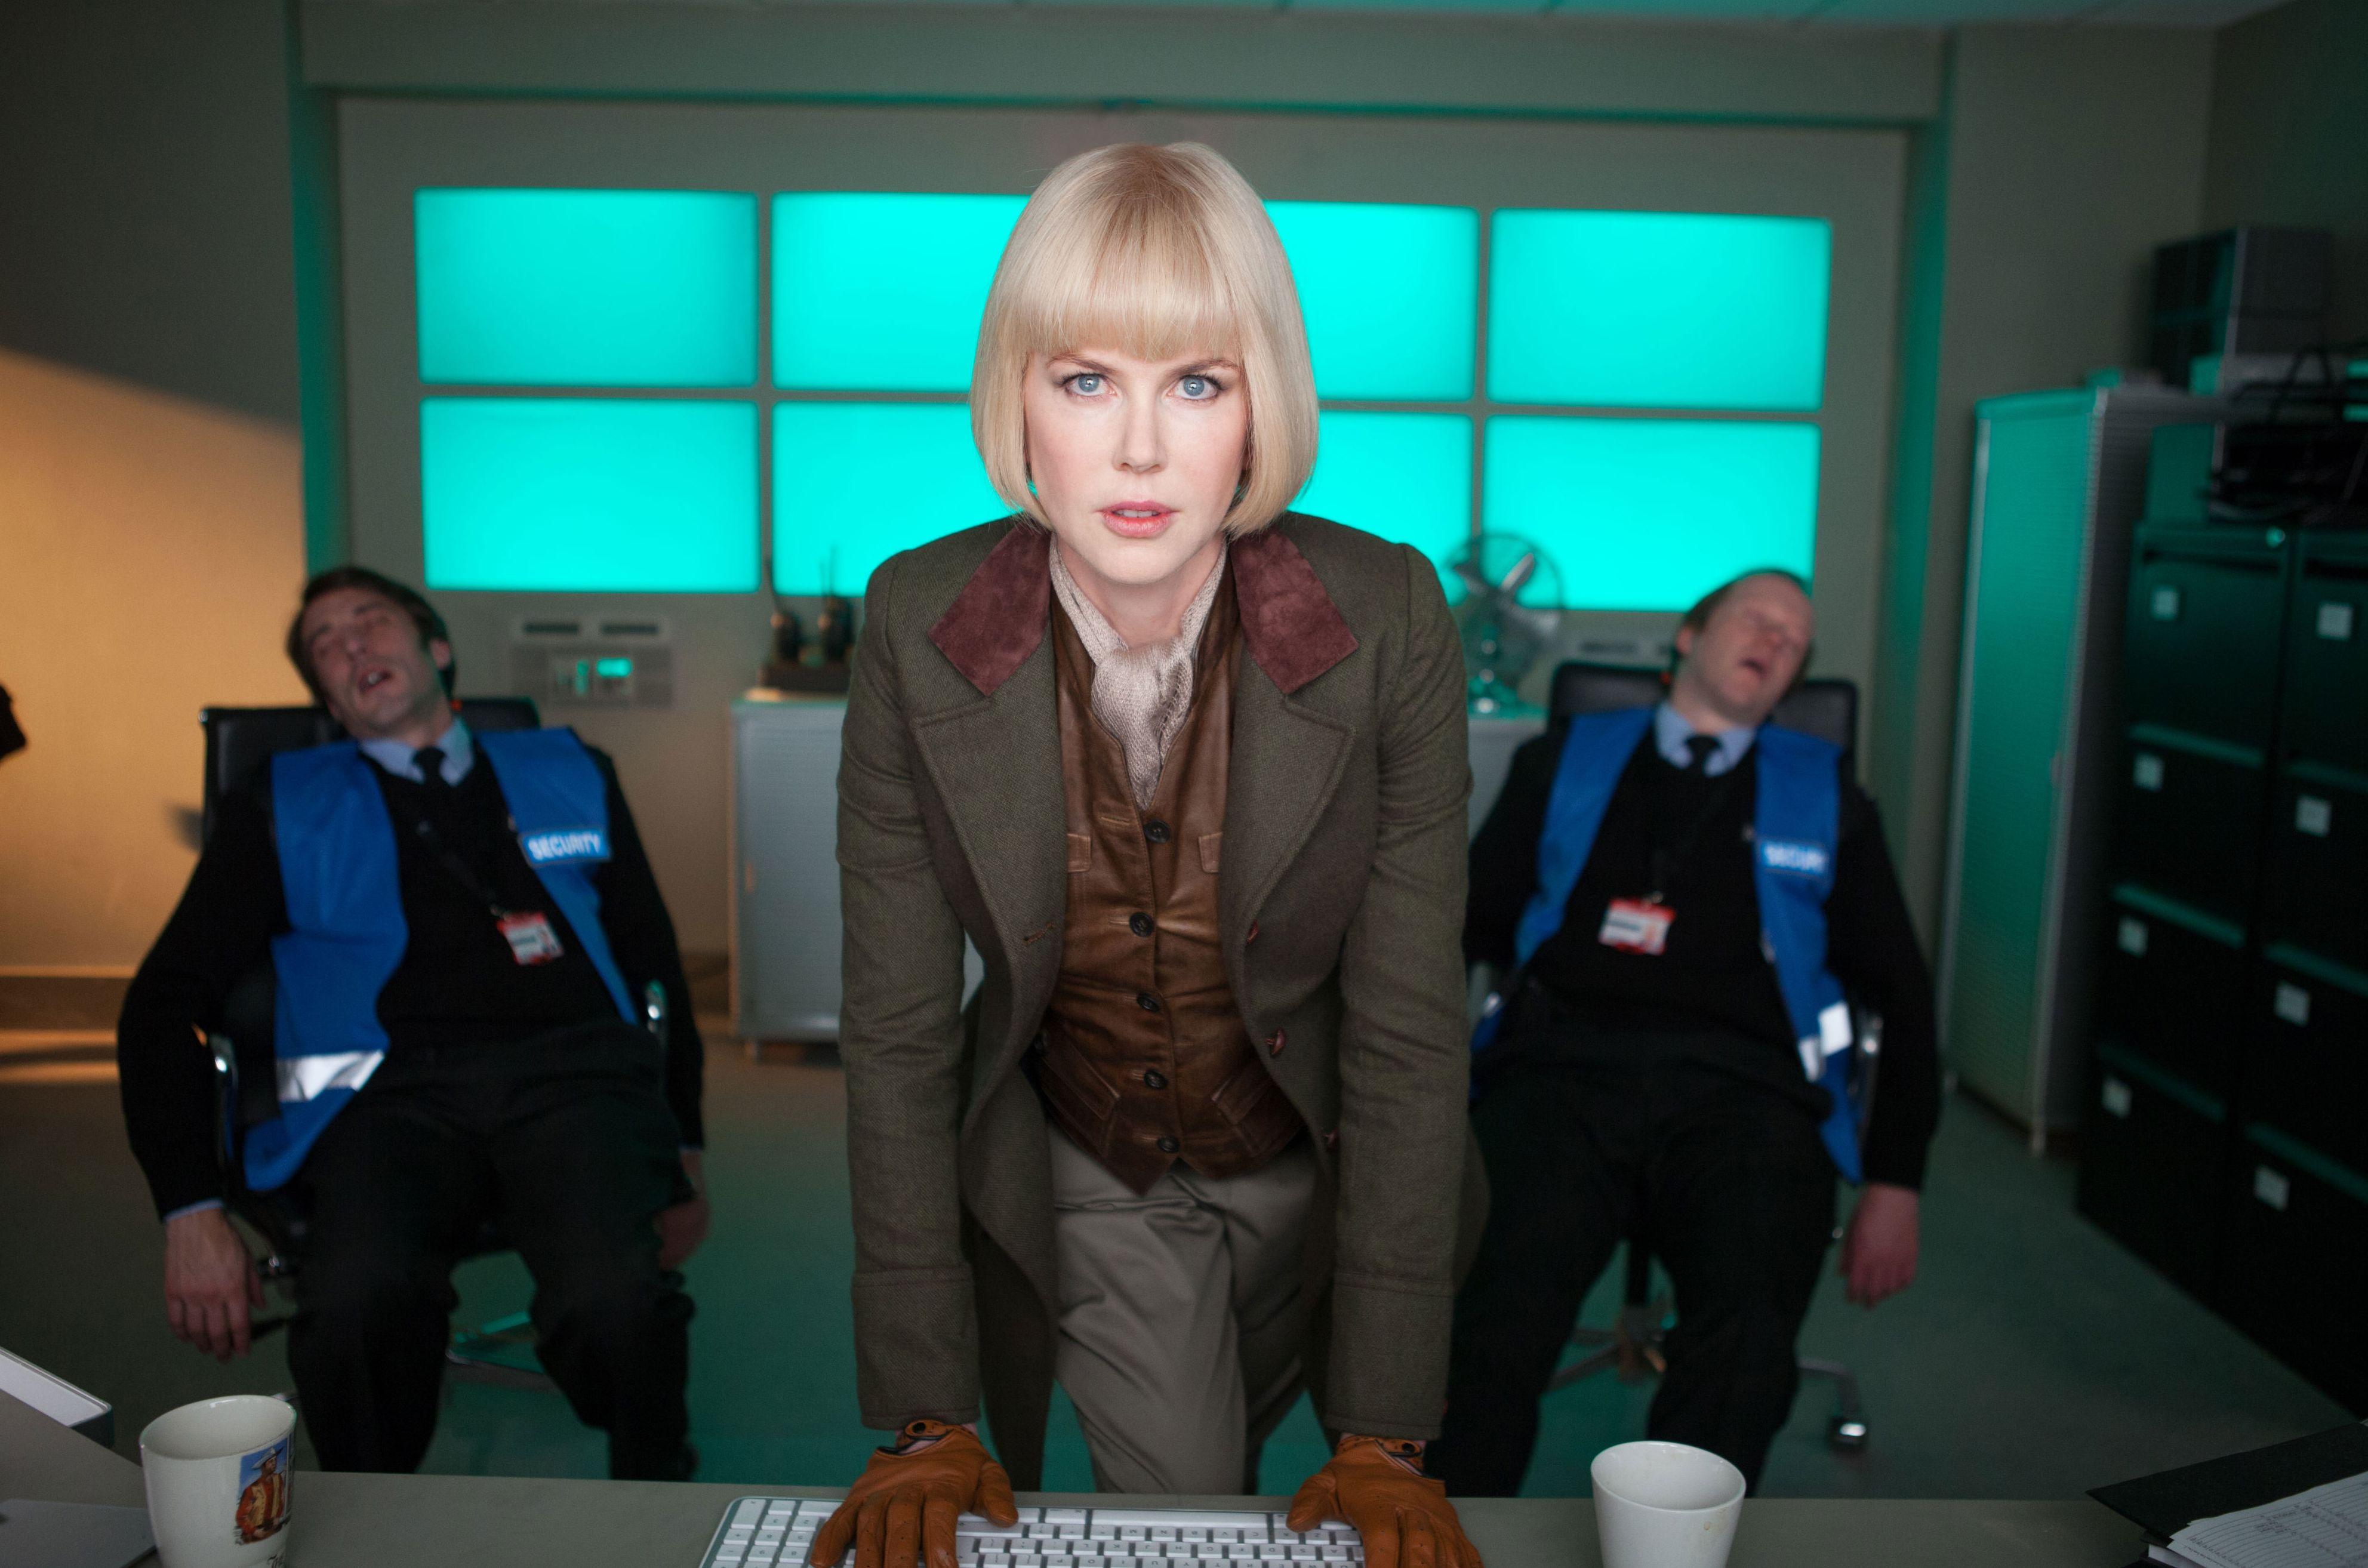 Nicole Kidman in Paddington